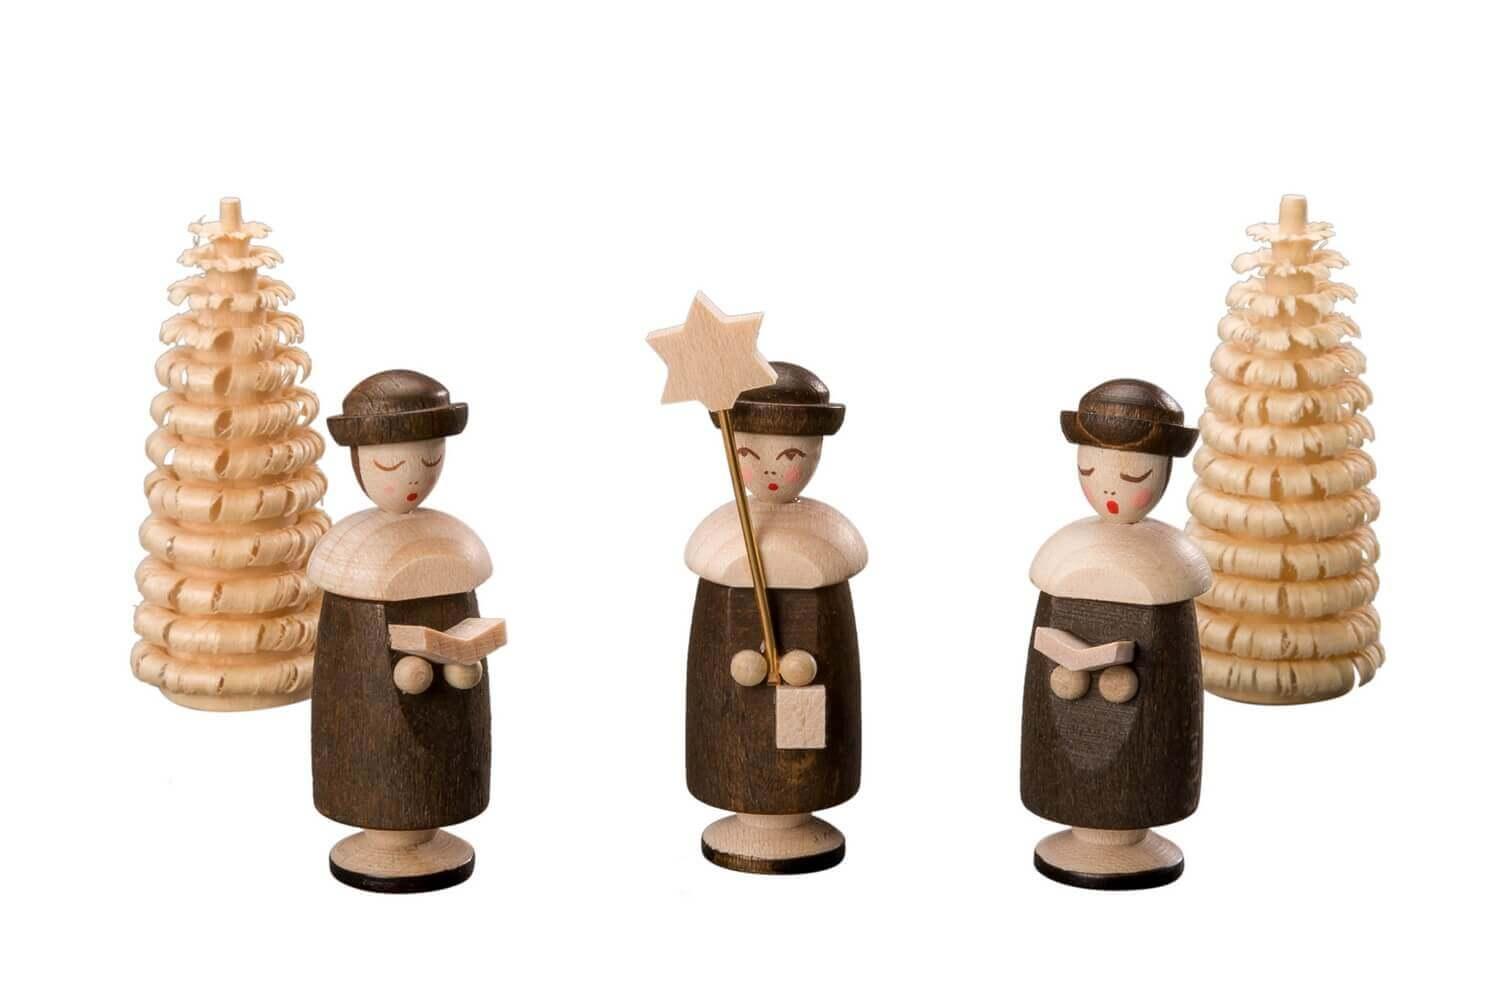 Albin Preißler Kurrendefiguren mit Hut und 2 Ringelbäumchen, natur